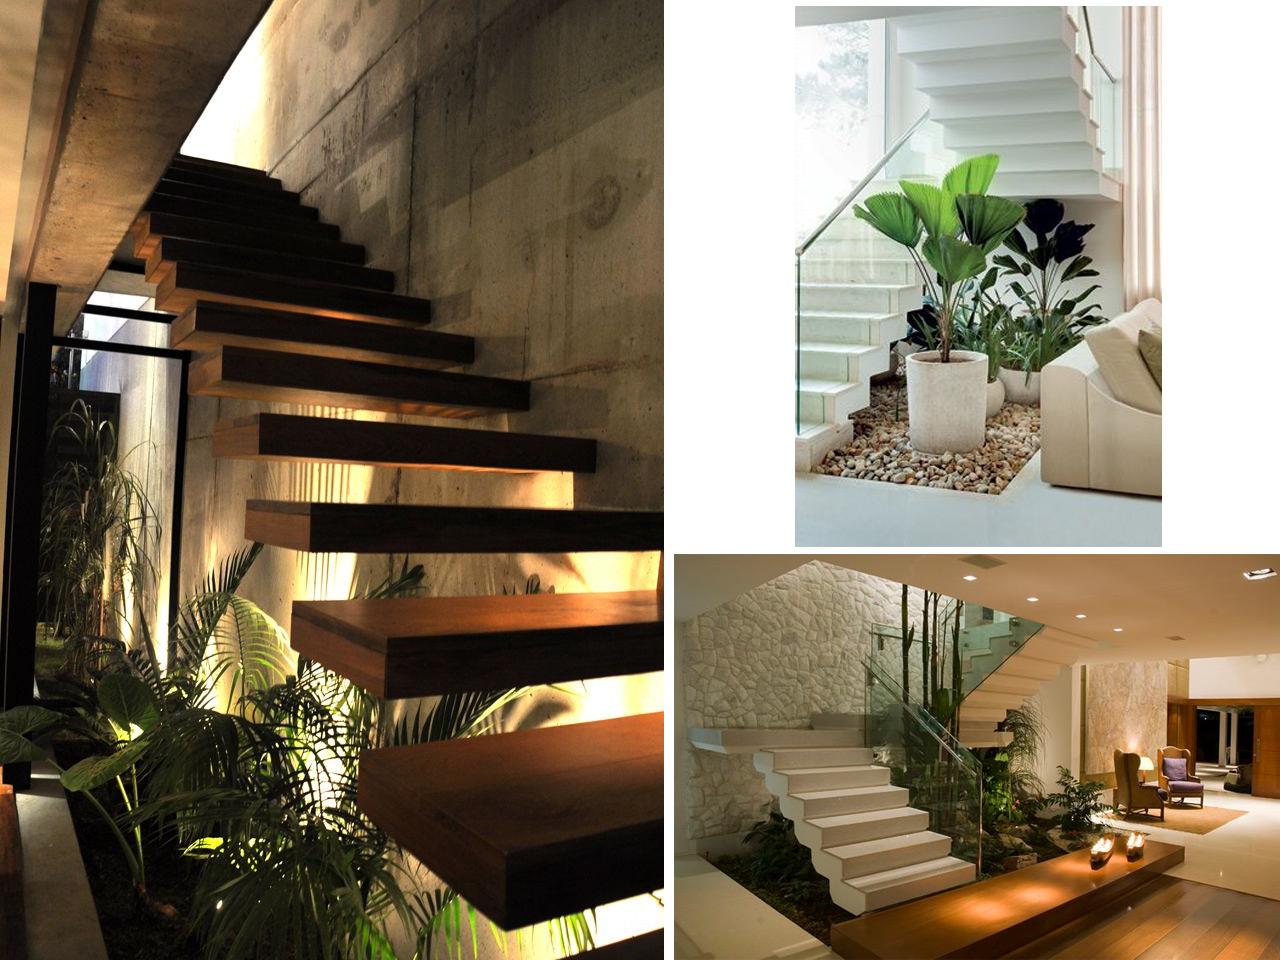 Tus 7 inspiraciones de decoraci n de terrazas interiores for Escalera de jardin de madera